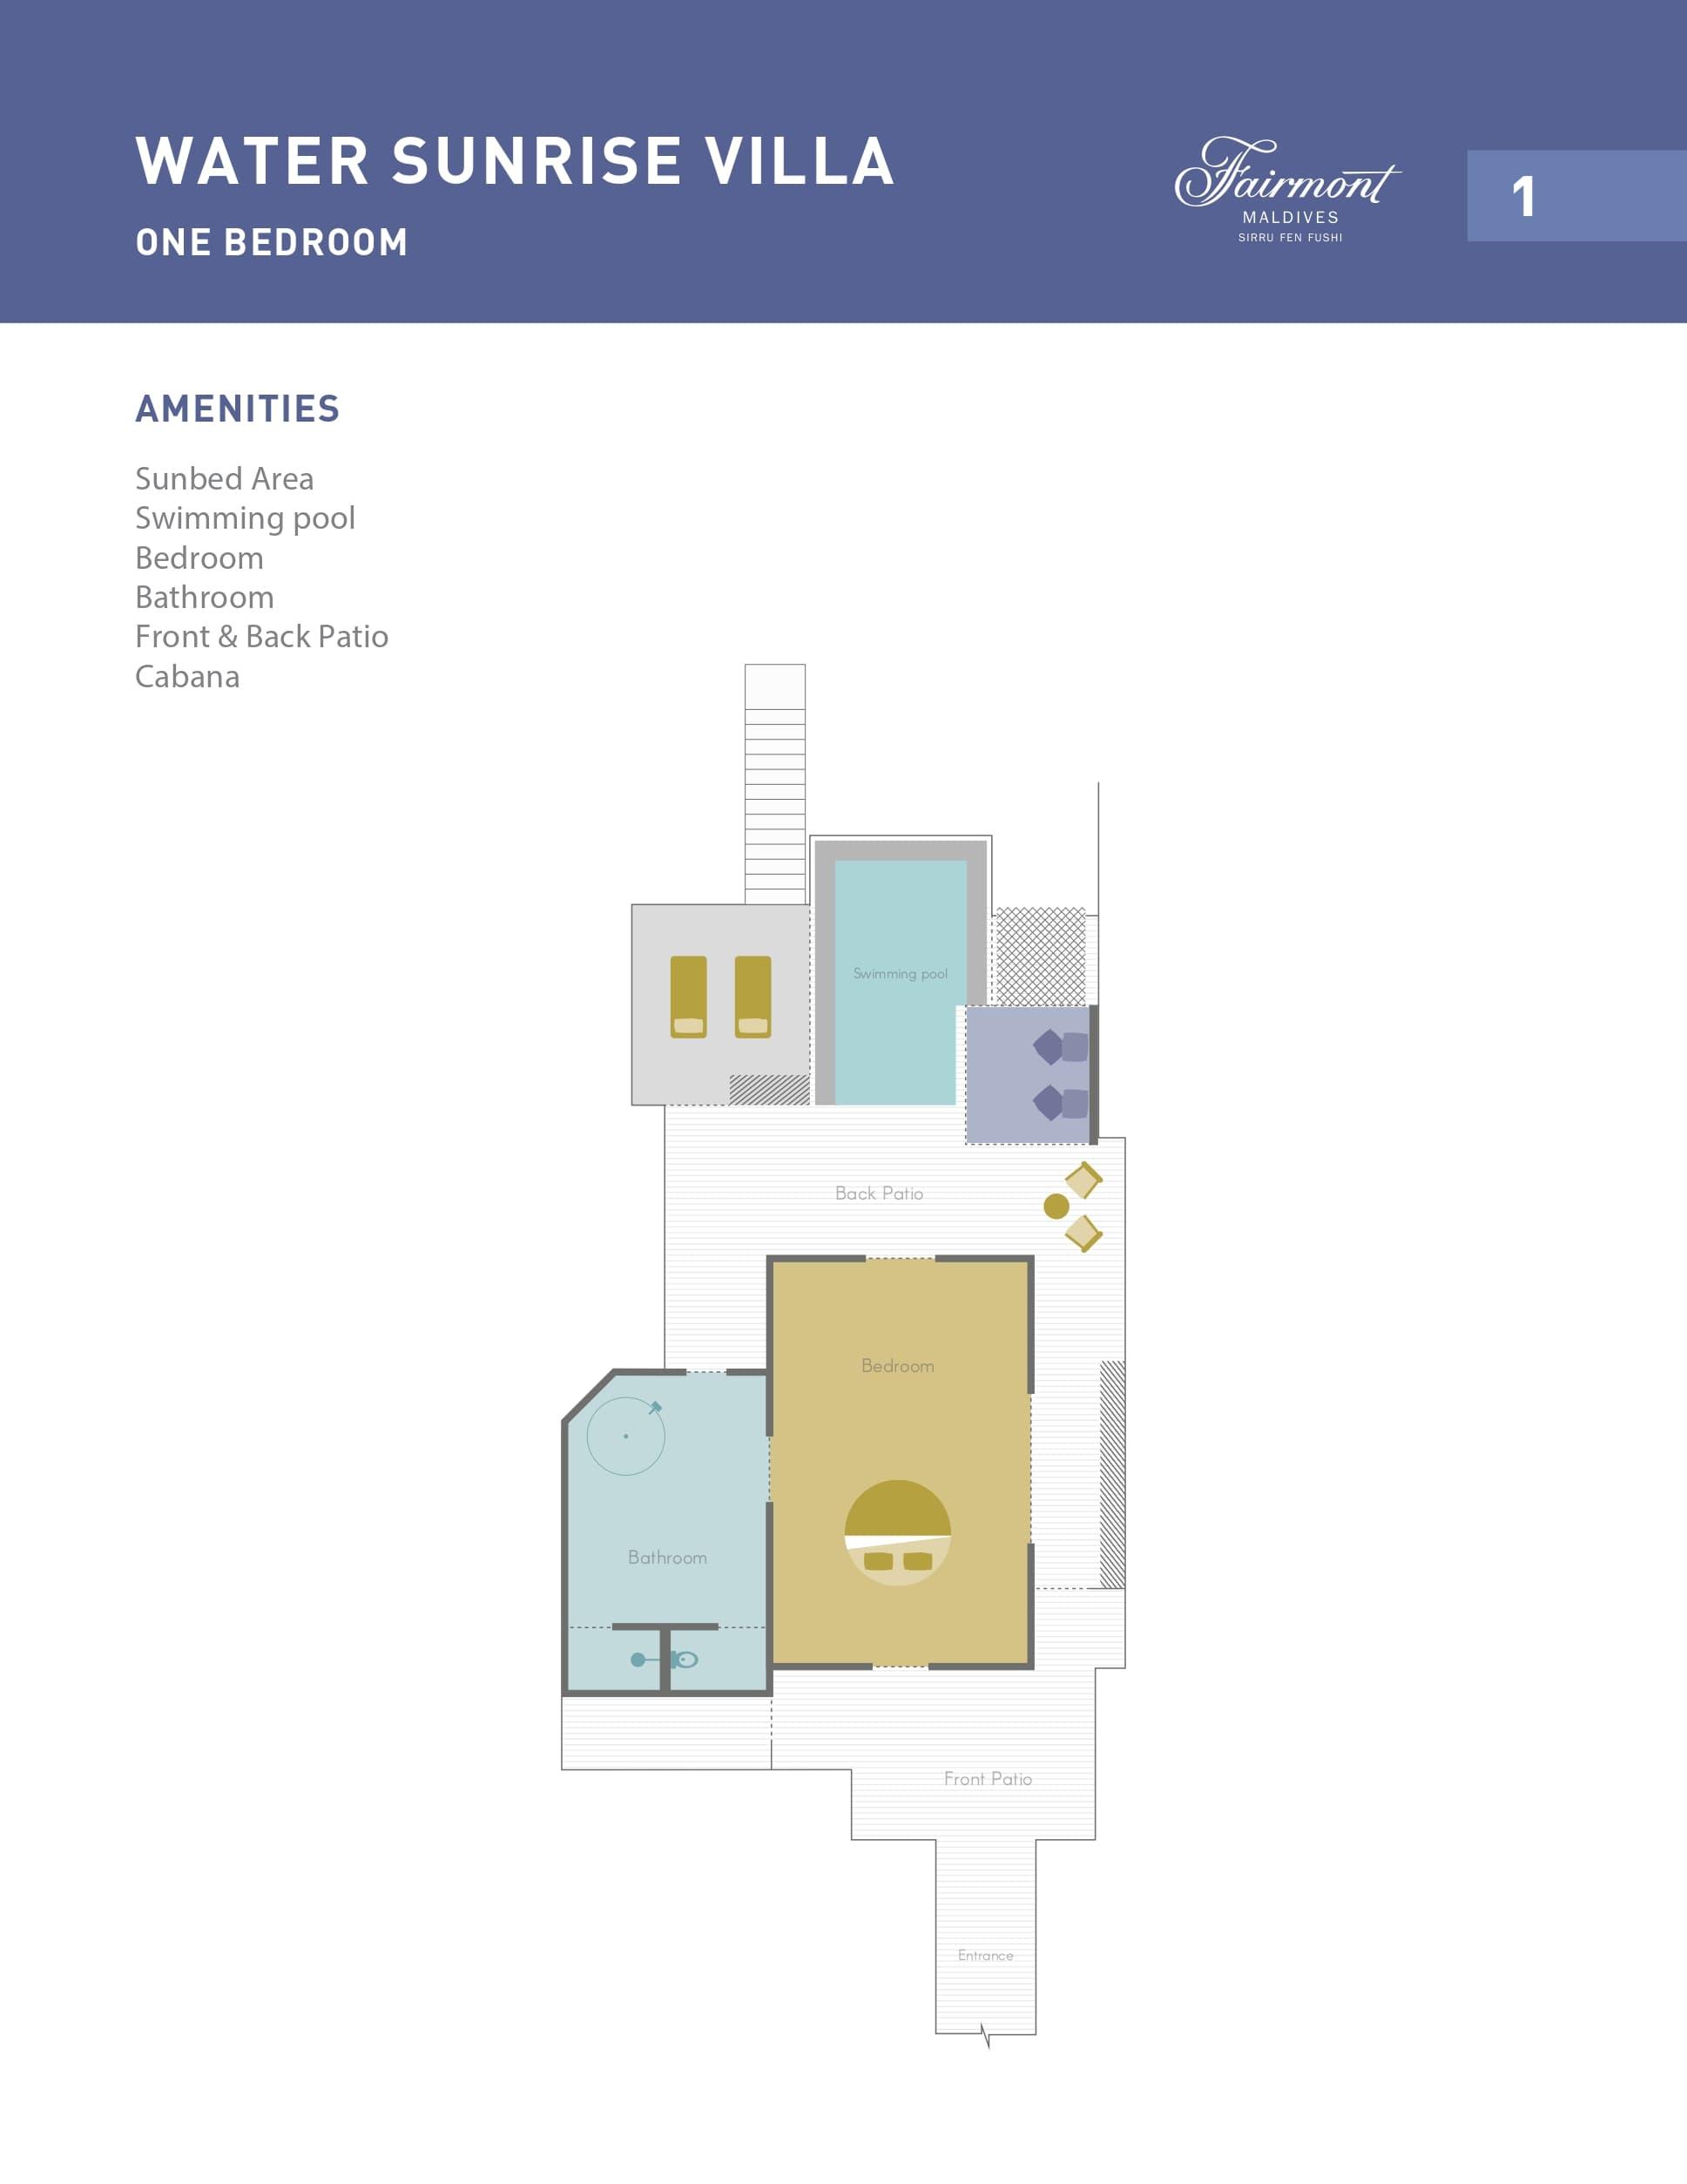 Мальдивы, отель Fairmont Maldives Sirru Fen Fushi, план-схема номера Water Sunrise Villa